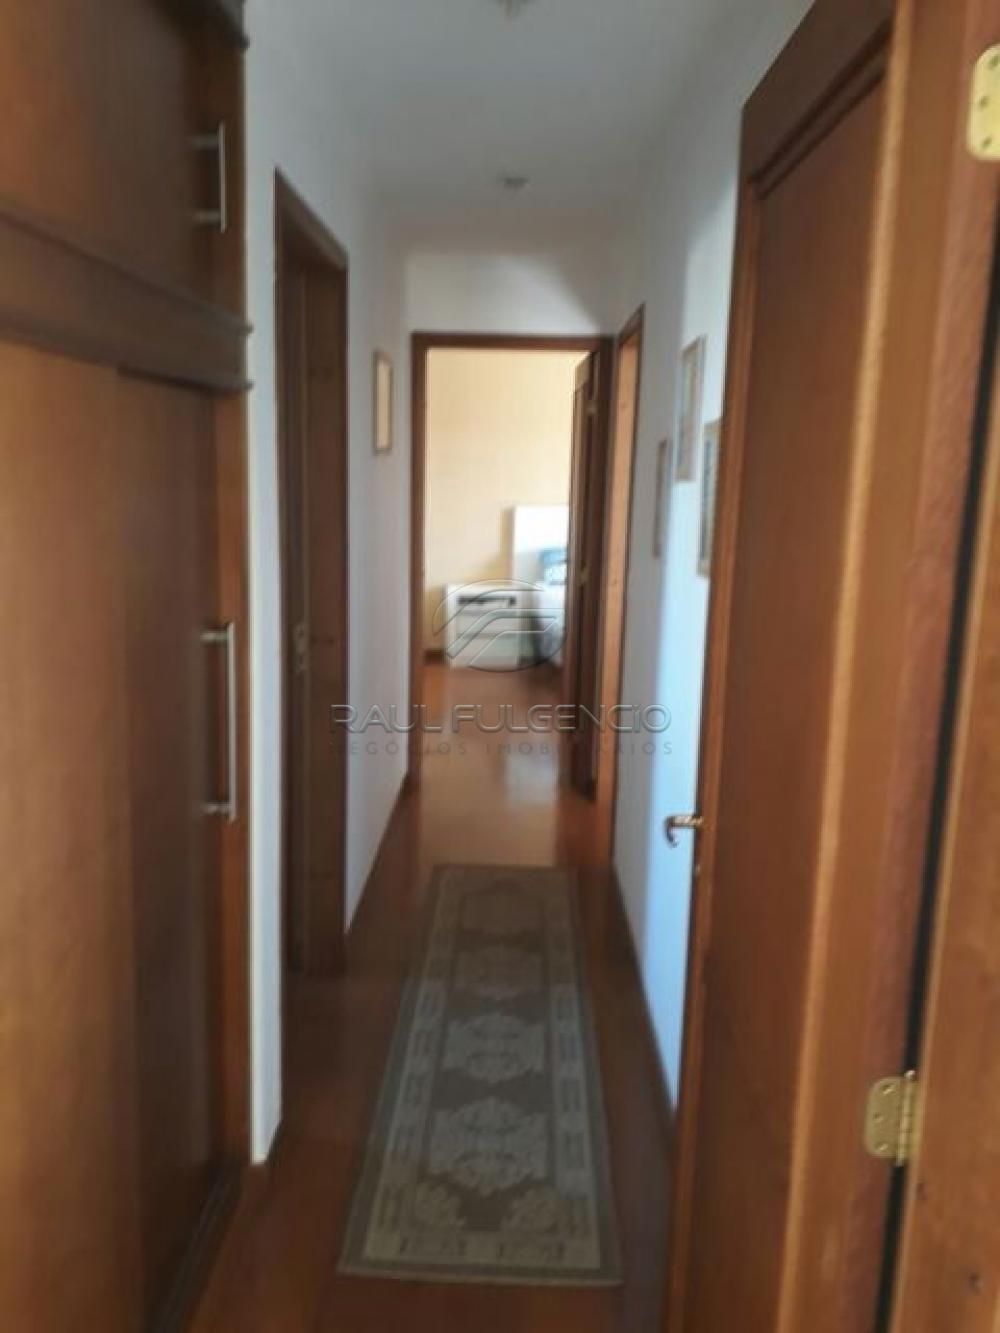 Comprar Apartamento / Padrão em Londrina apenas R$ 700.000,00 - Foto 5